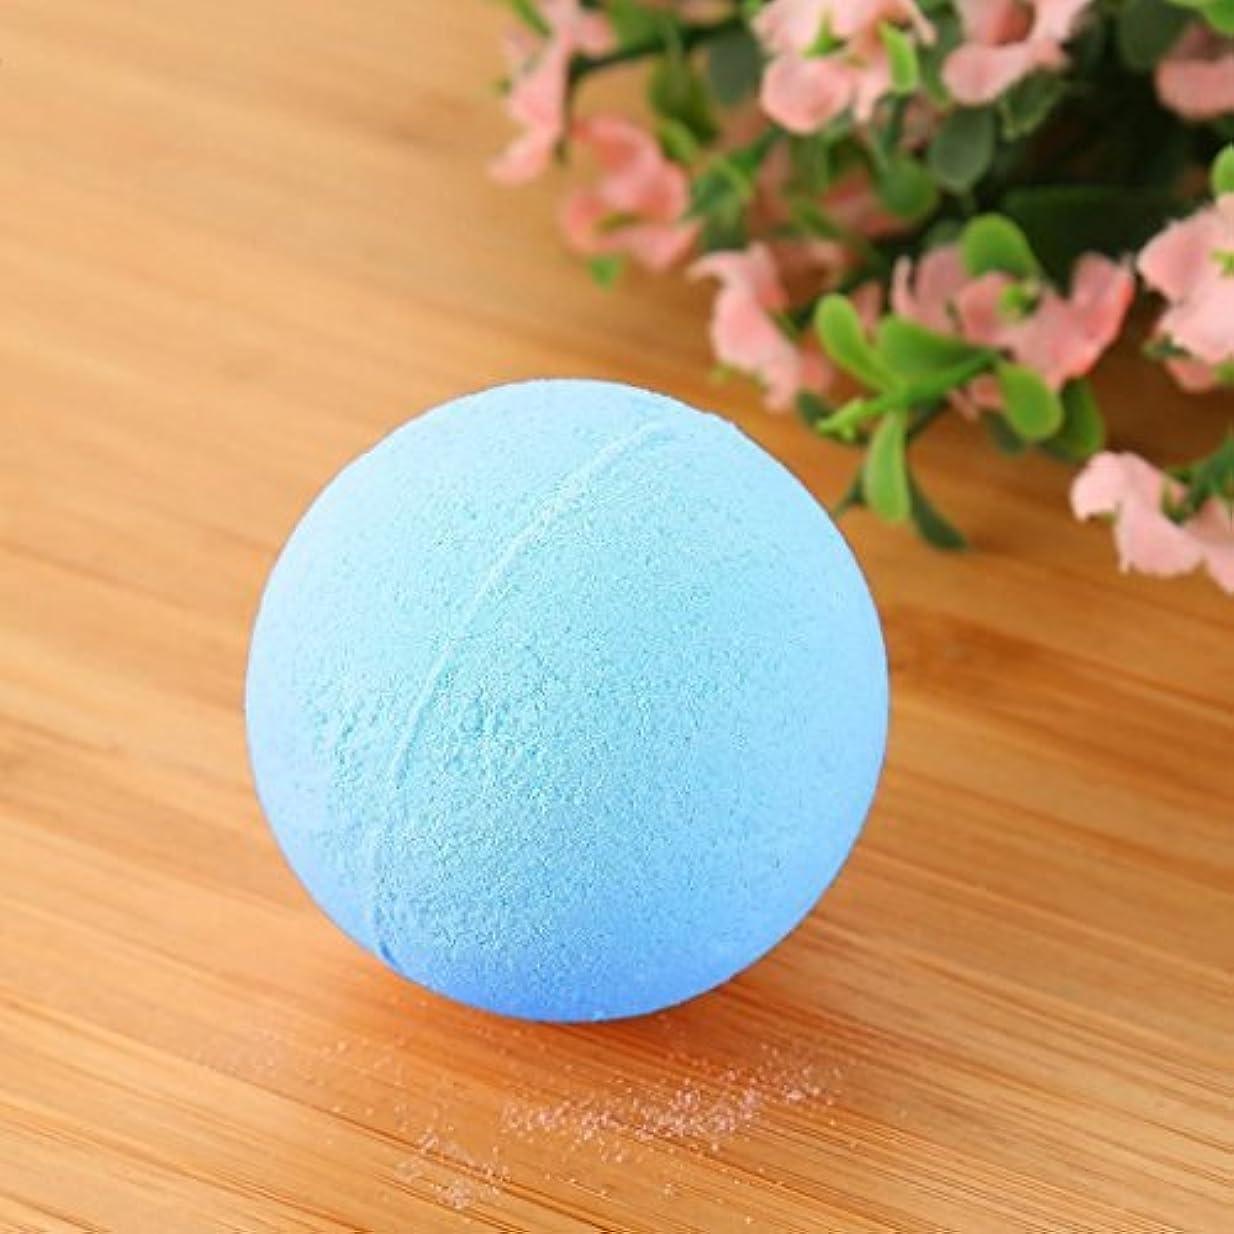 成り立つ銅罪人バブルボール塩塩浴リラックス女性のための贈り物